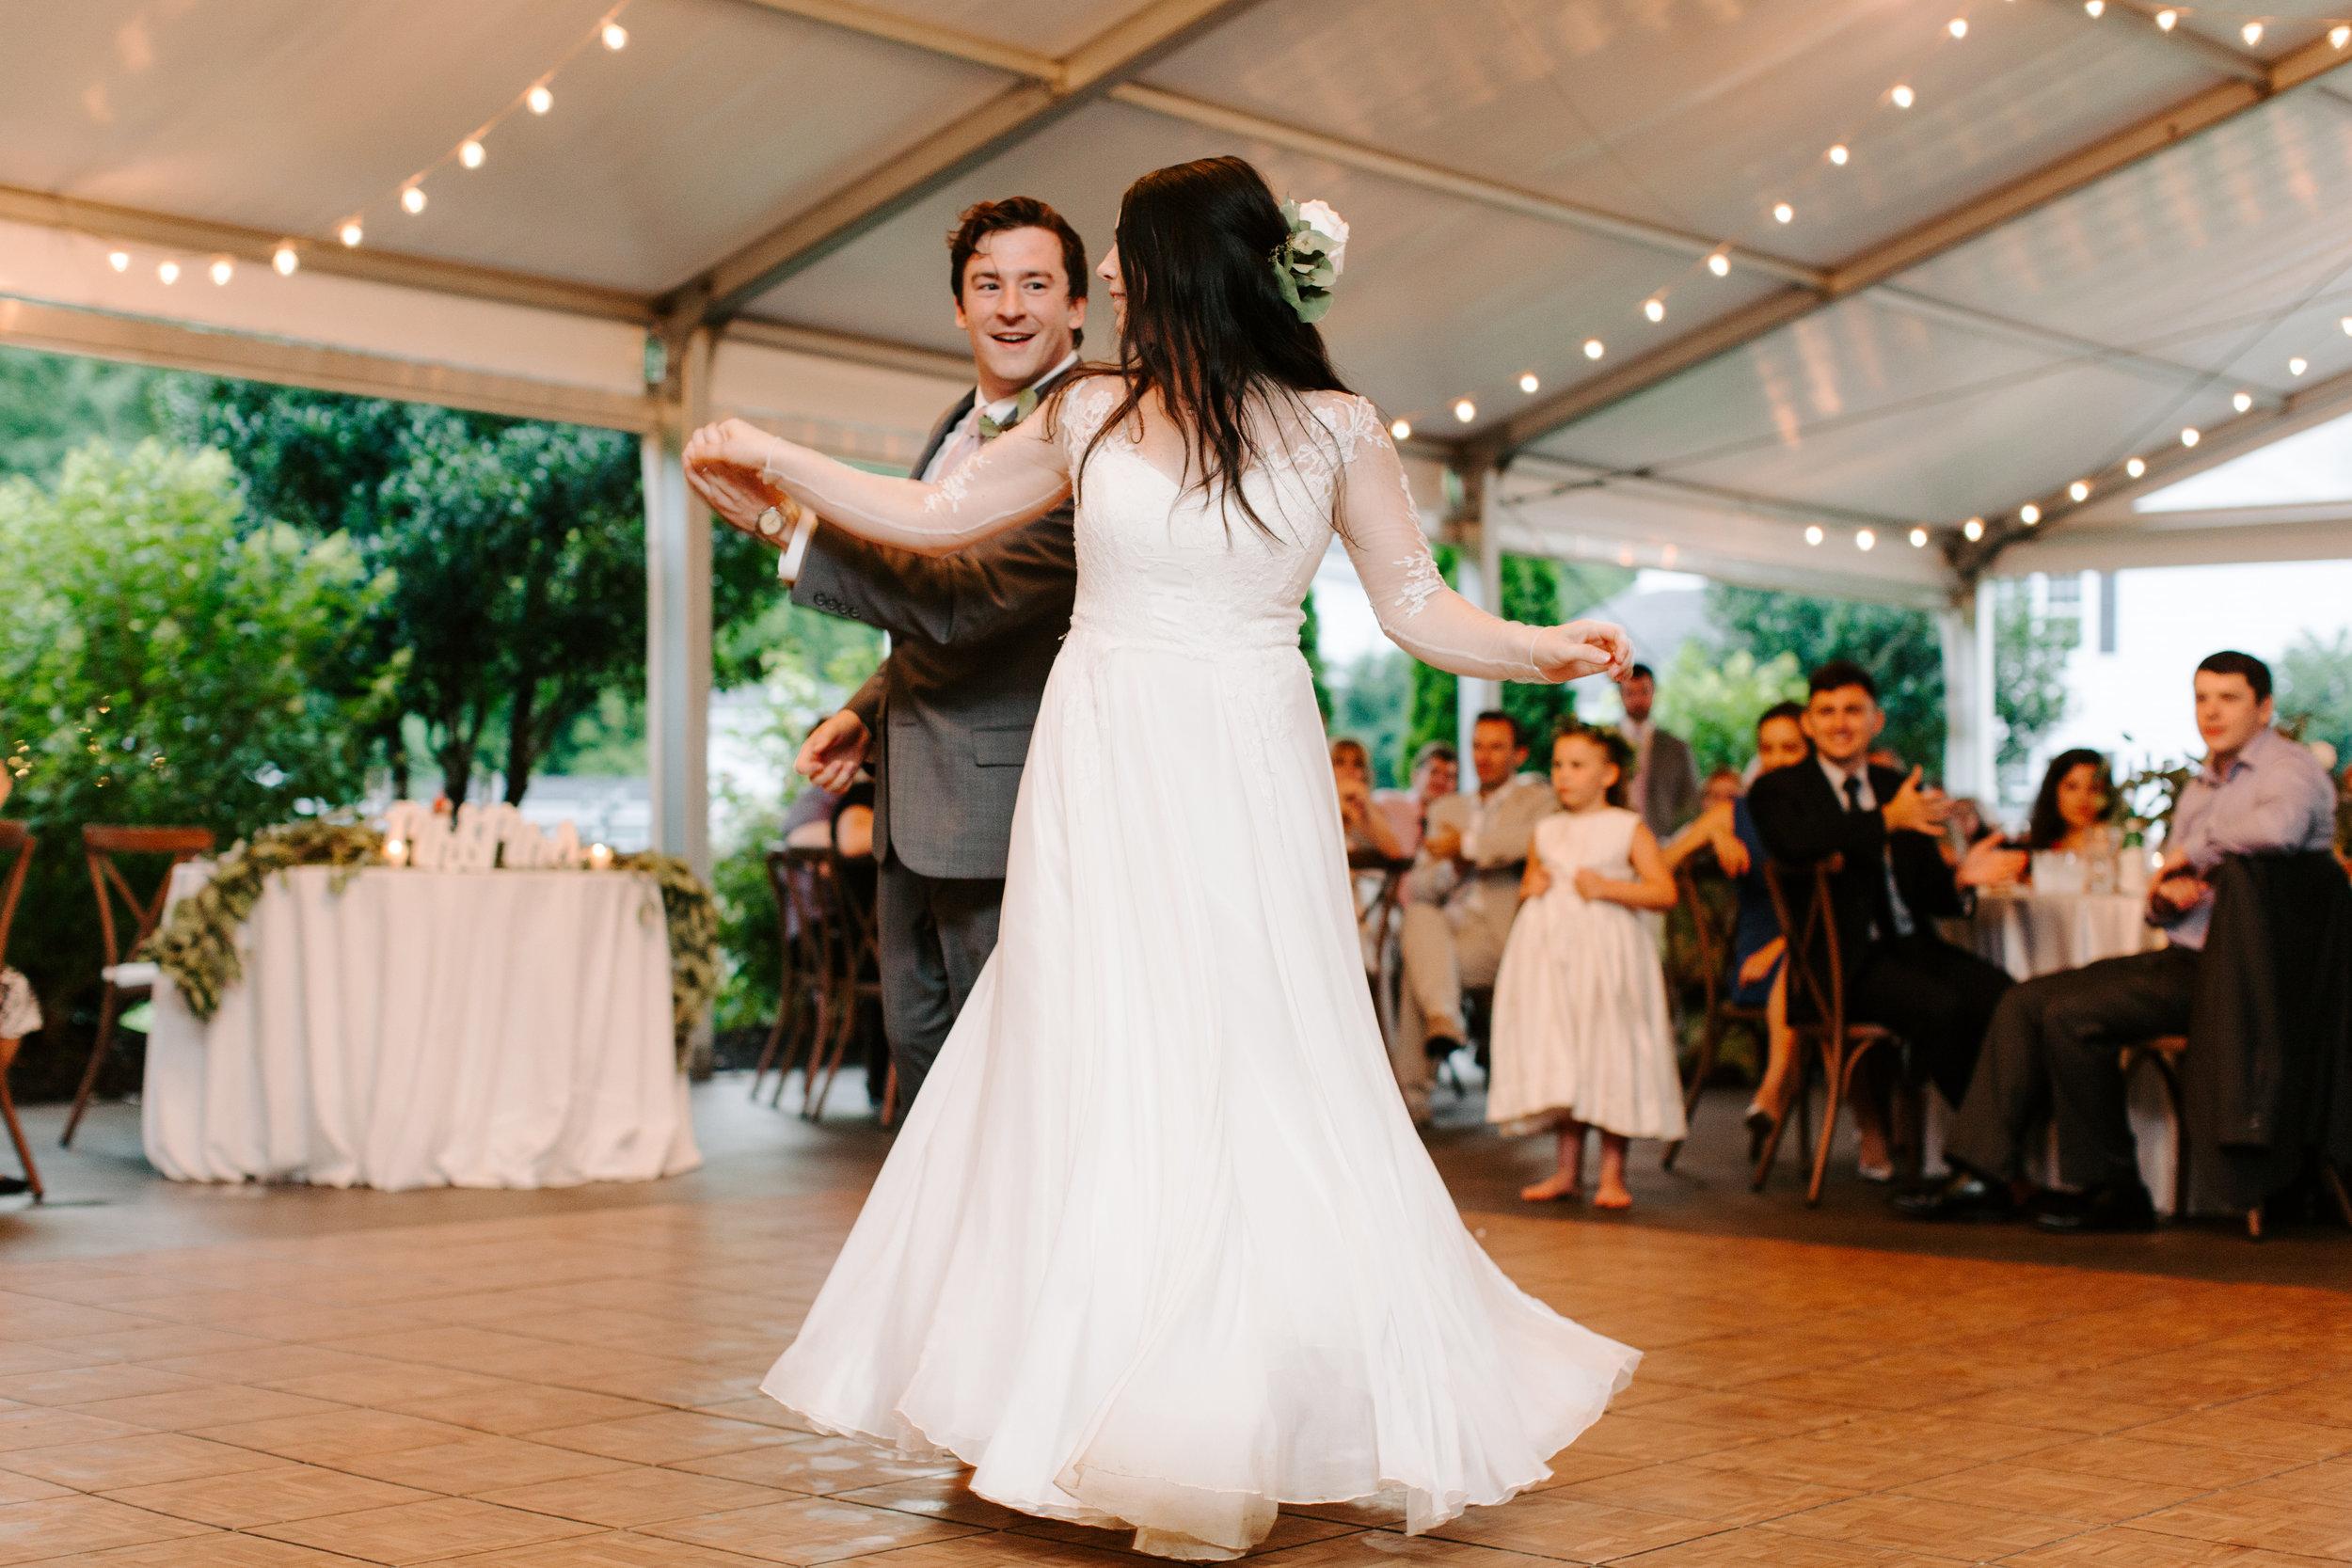 wedding-first-dance.jpg